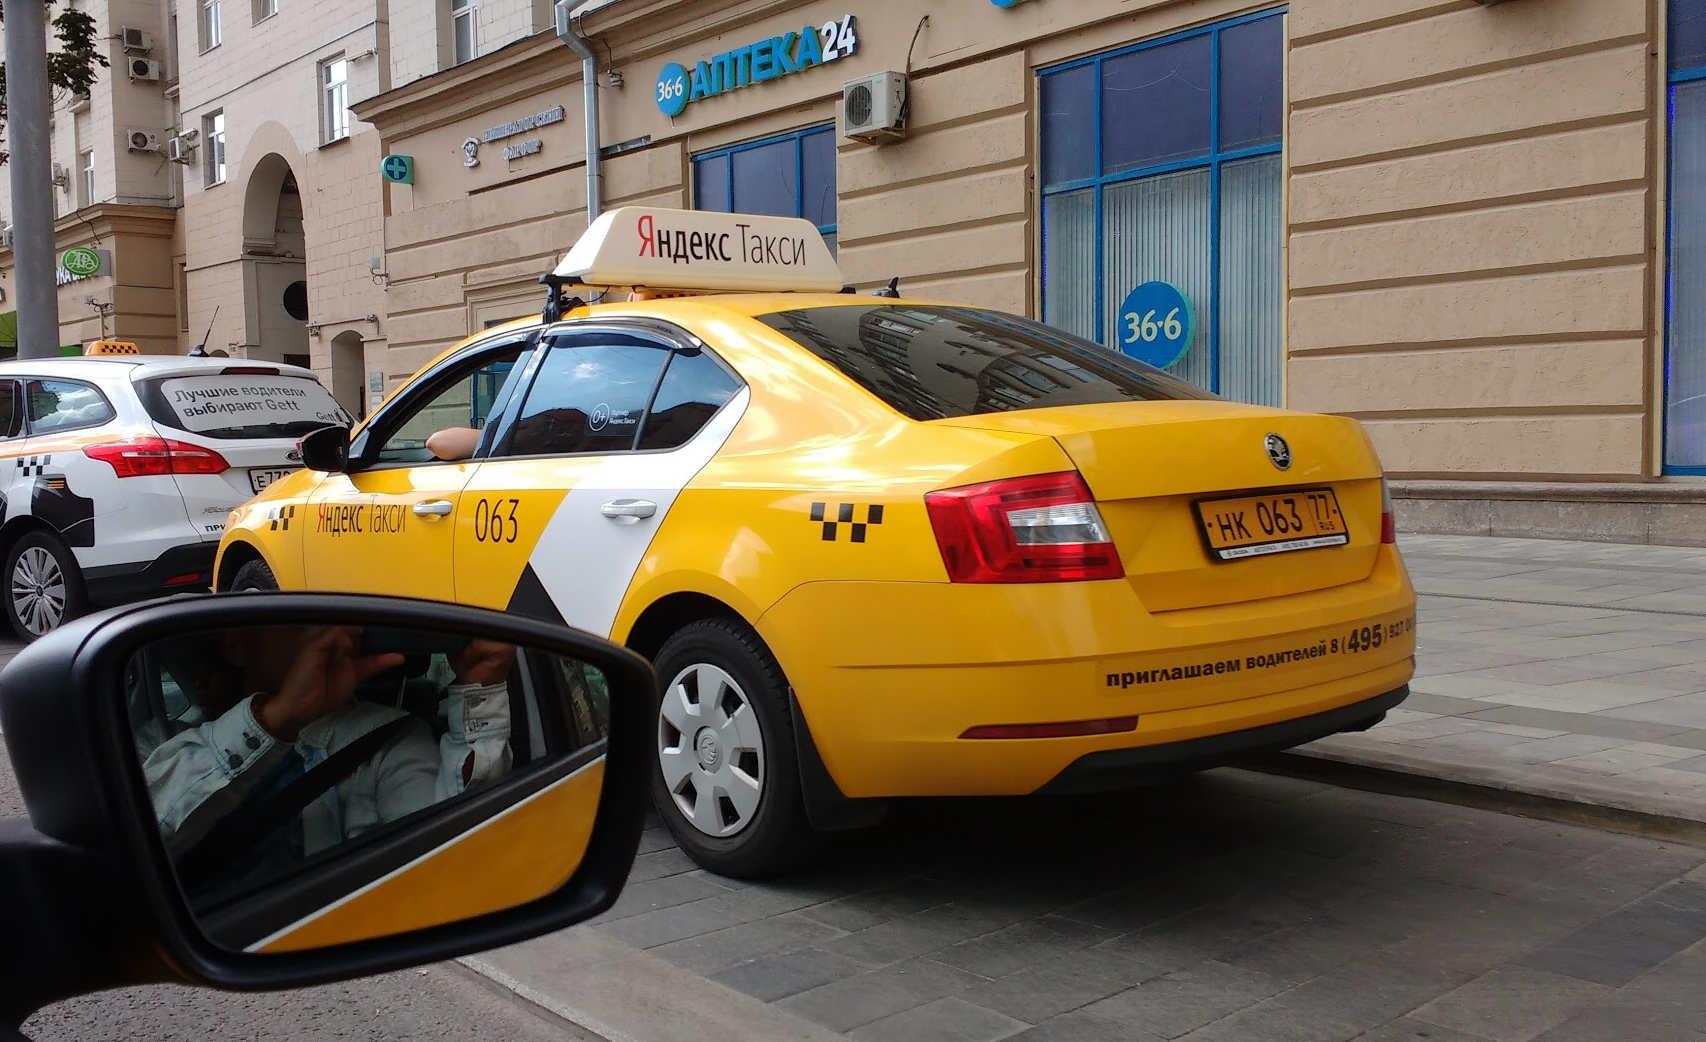 """No táxi amarelinho está escrito, em cirílico, """"Yandex Taxi"""" :)"""